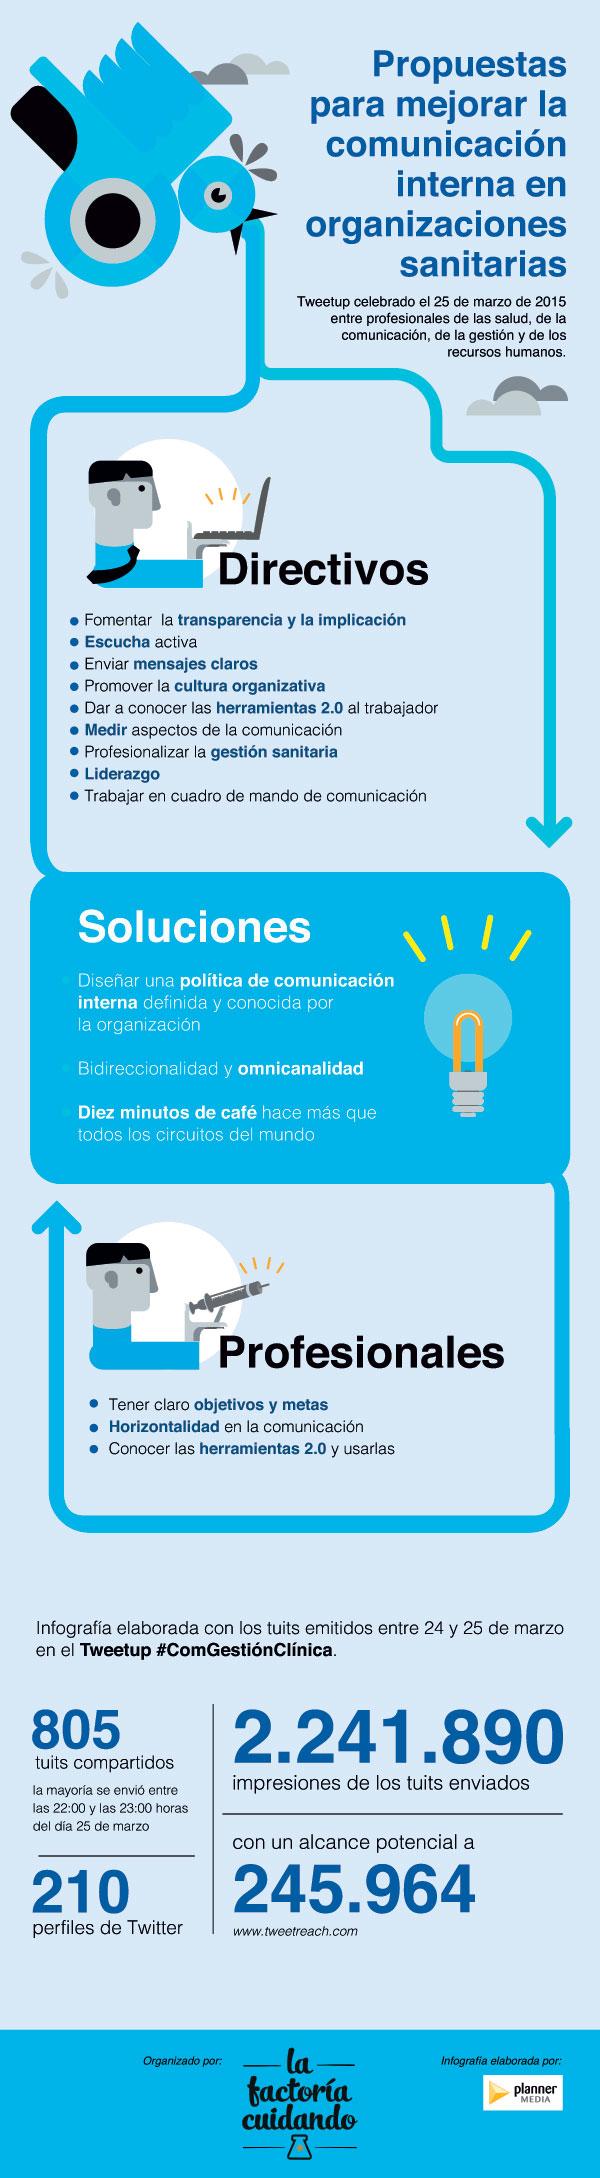 Propuestas comunicacion en organizacions sanitarias